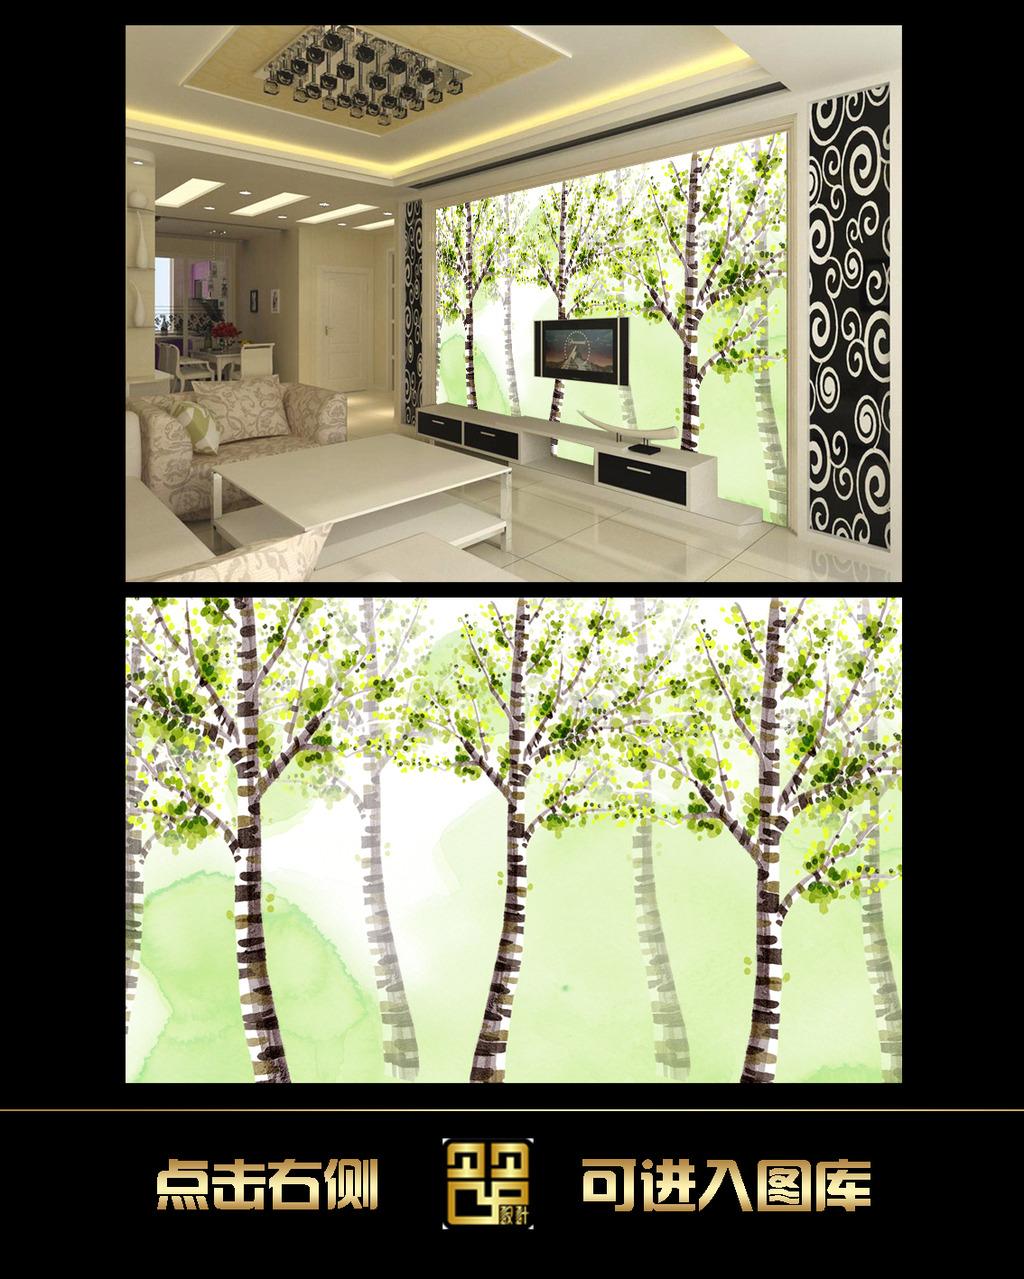 白桦树电视背景墙